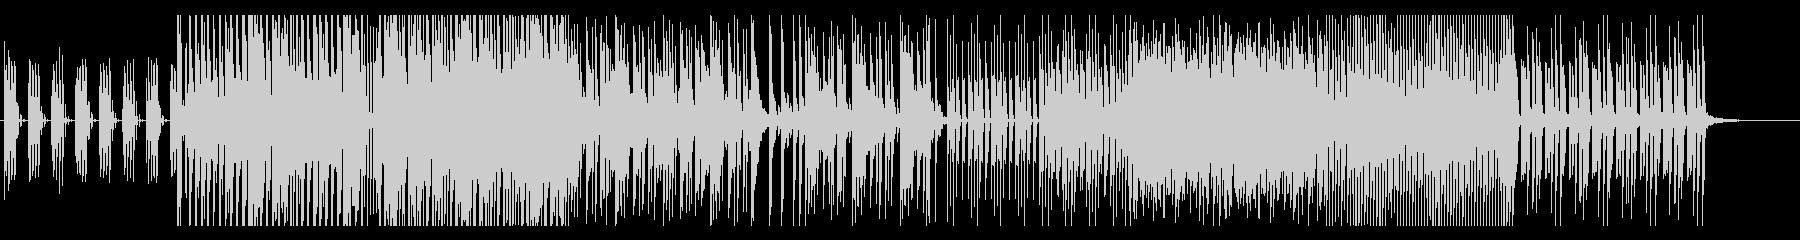 テンションの振り幅が広い曲の未再生の波形